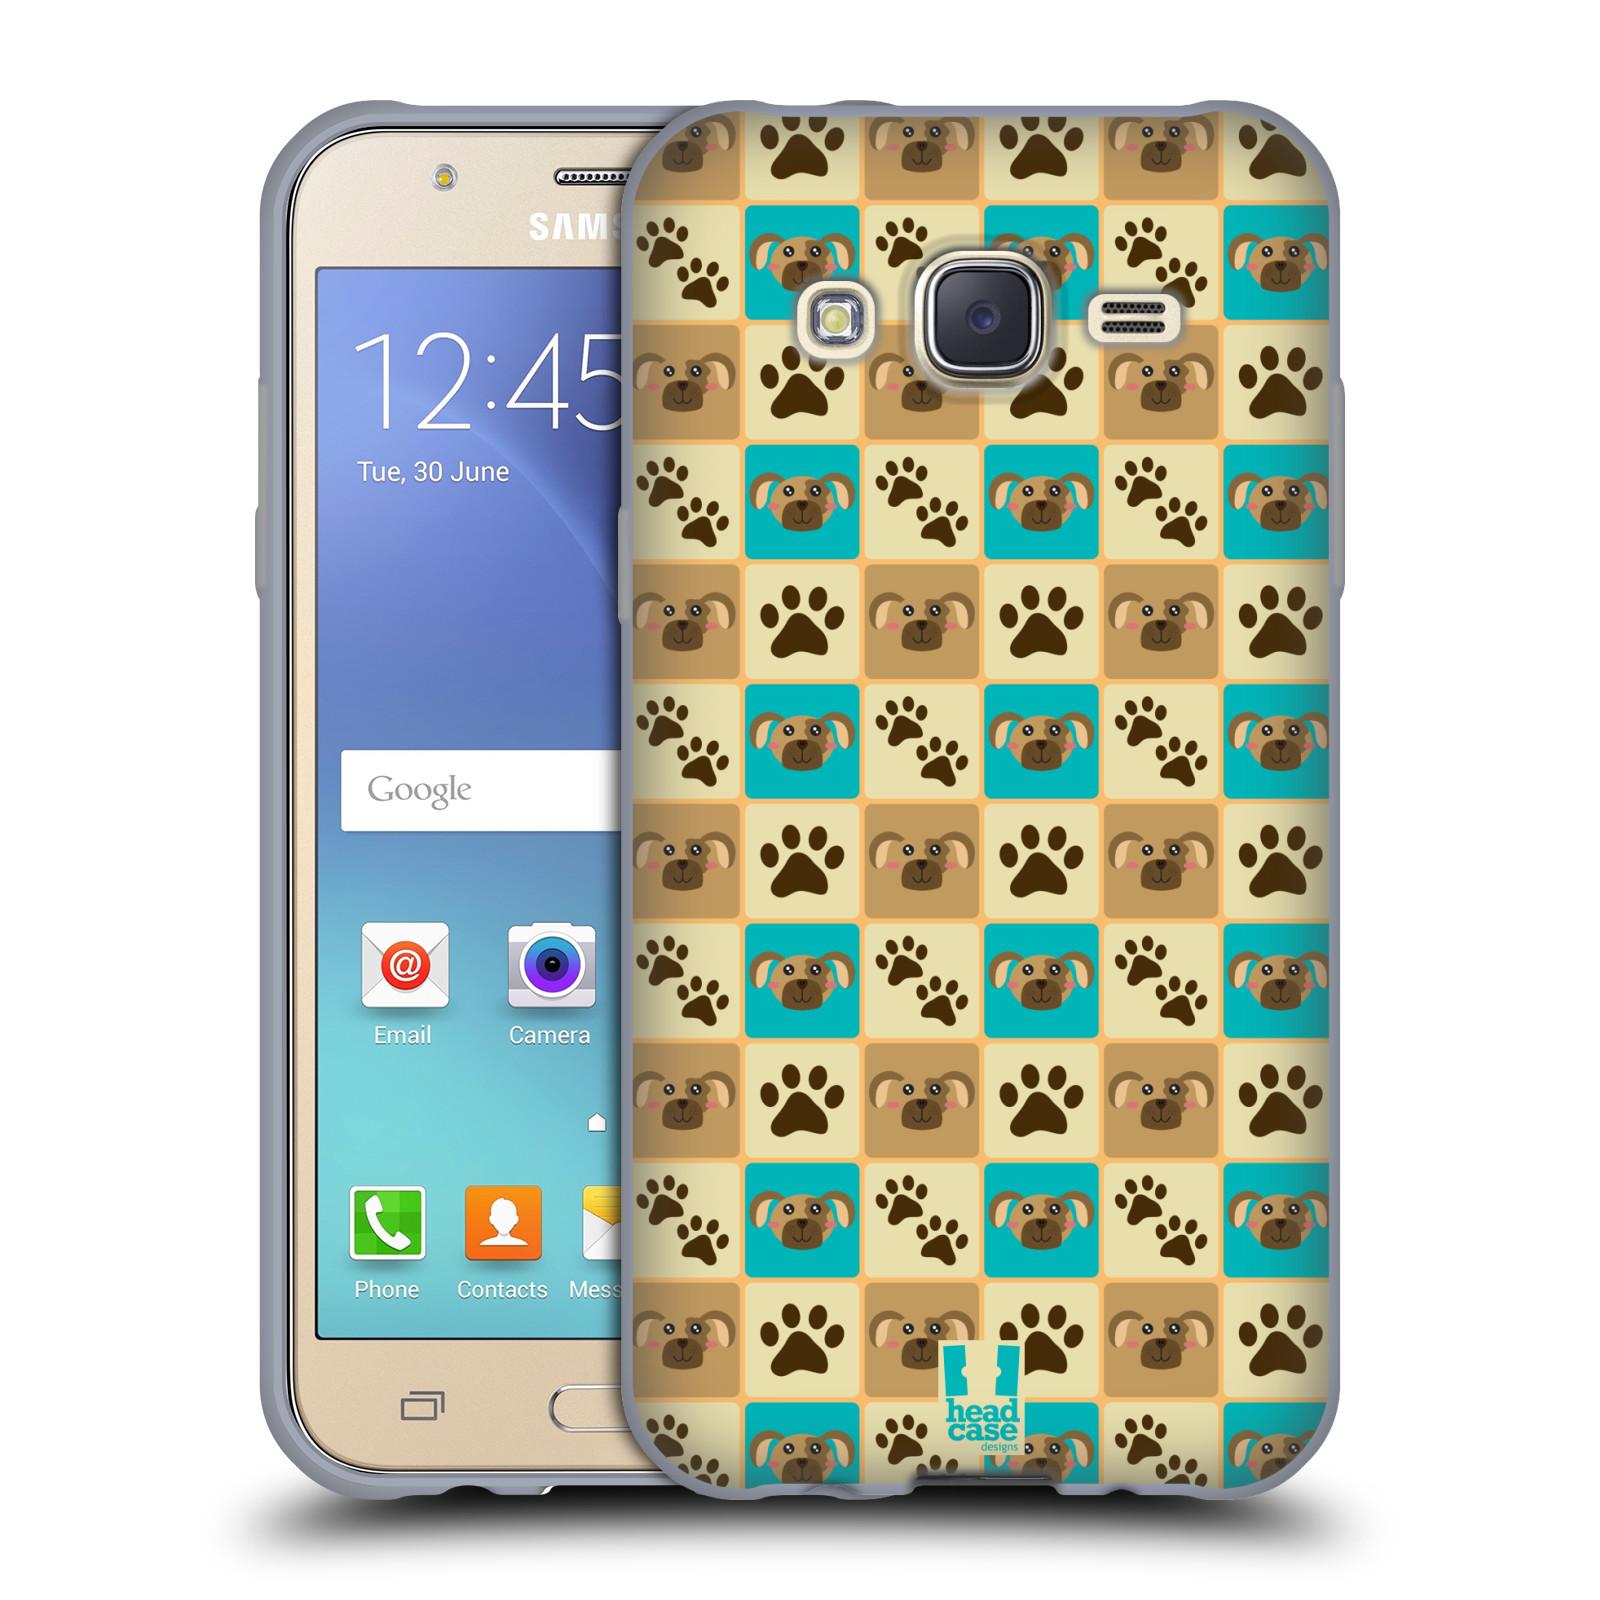 HEAD CASE silikonový obal na mobil Samsung Galaxy J5, J500, (J5 DUOS) vzor Zvířecí razítka PSÍ TLAPKA